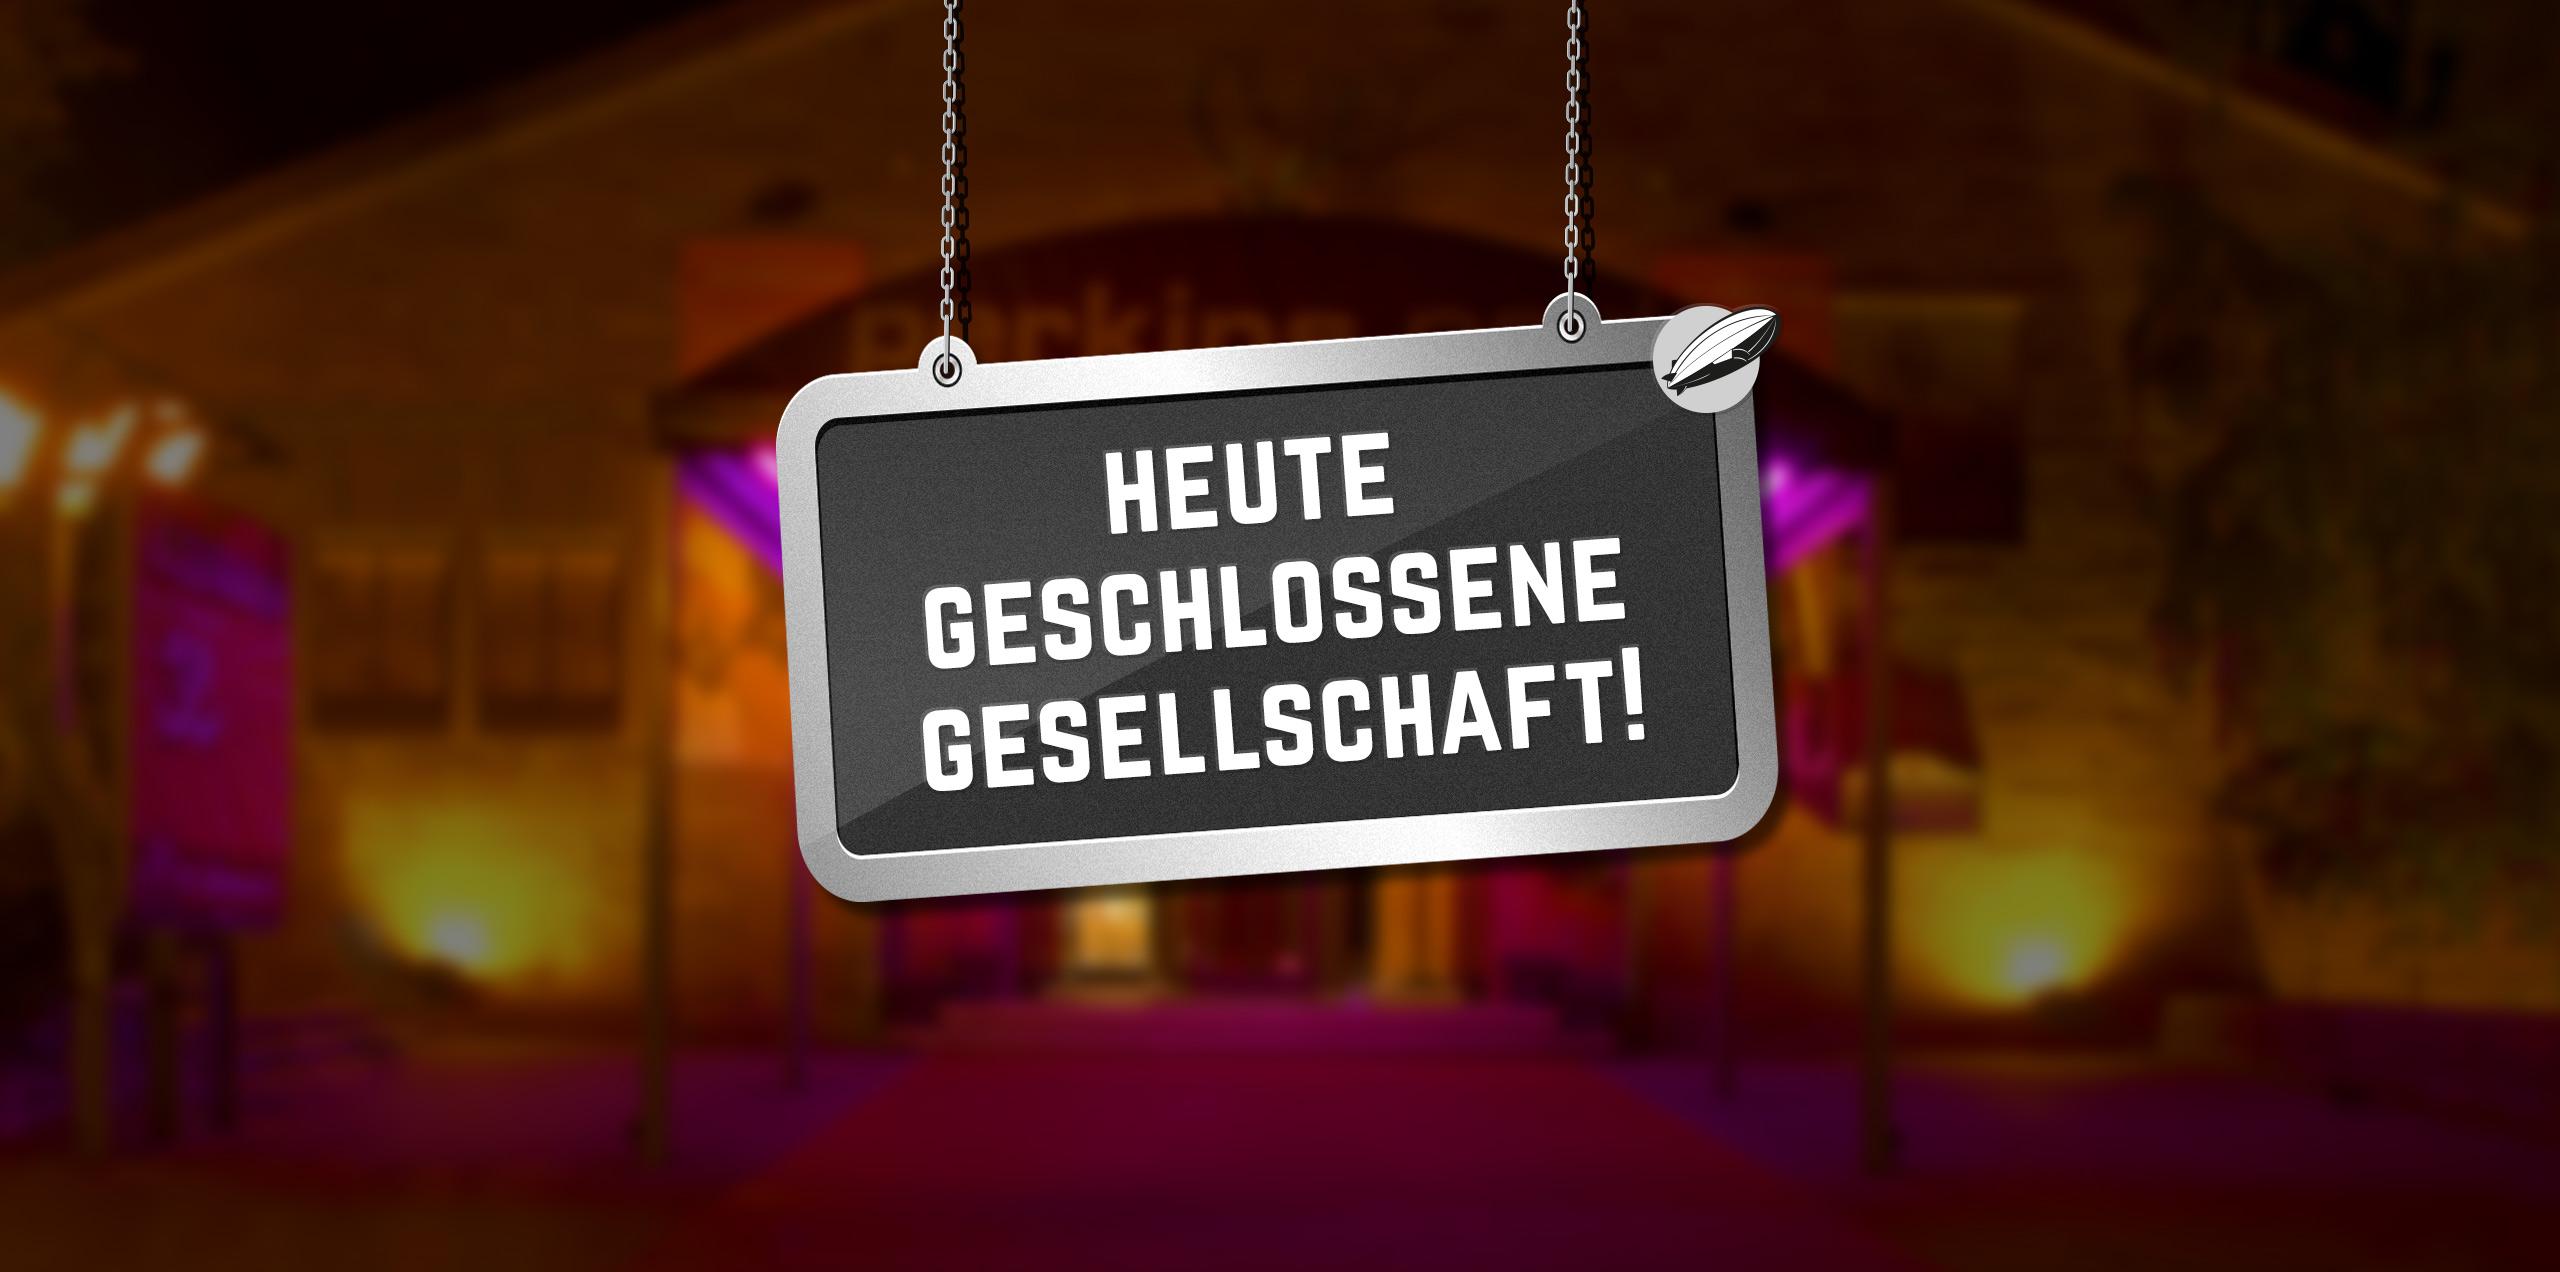 PP_Geschlossene_Gesellschaft